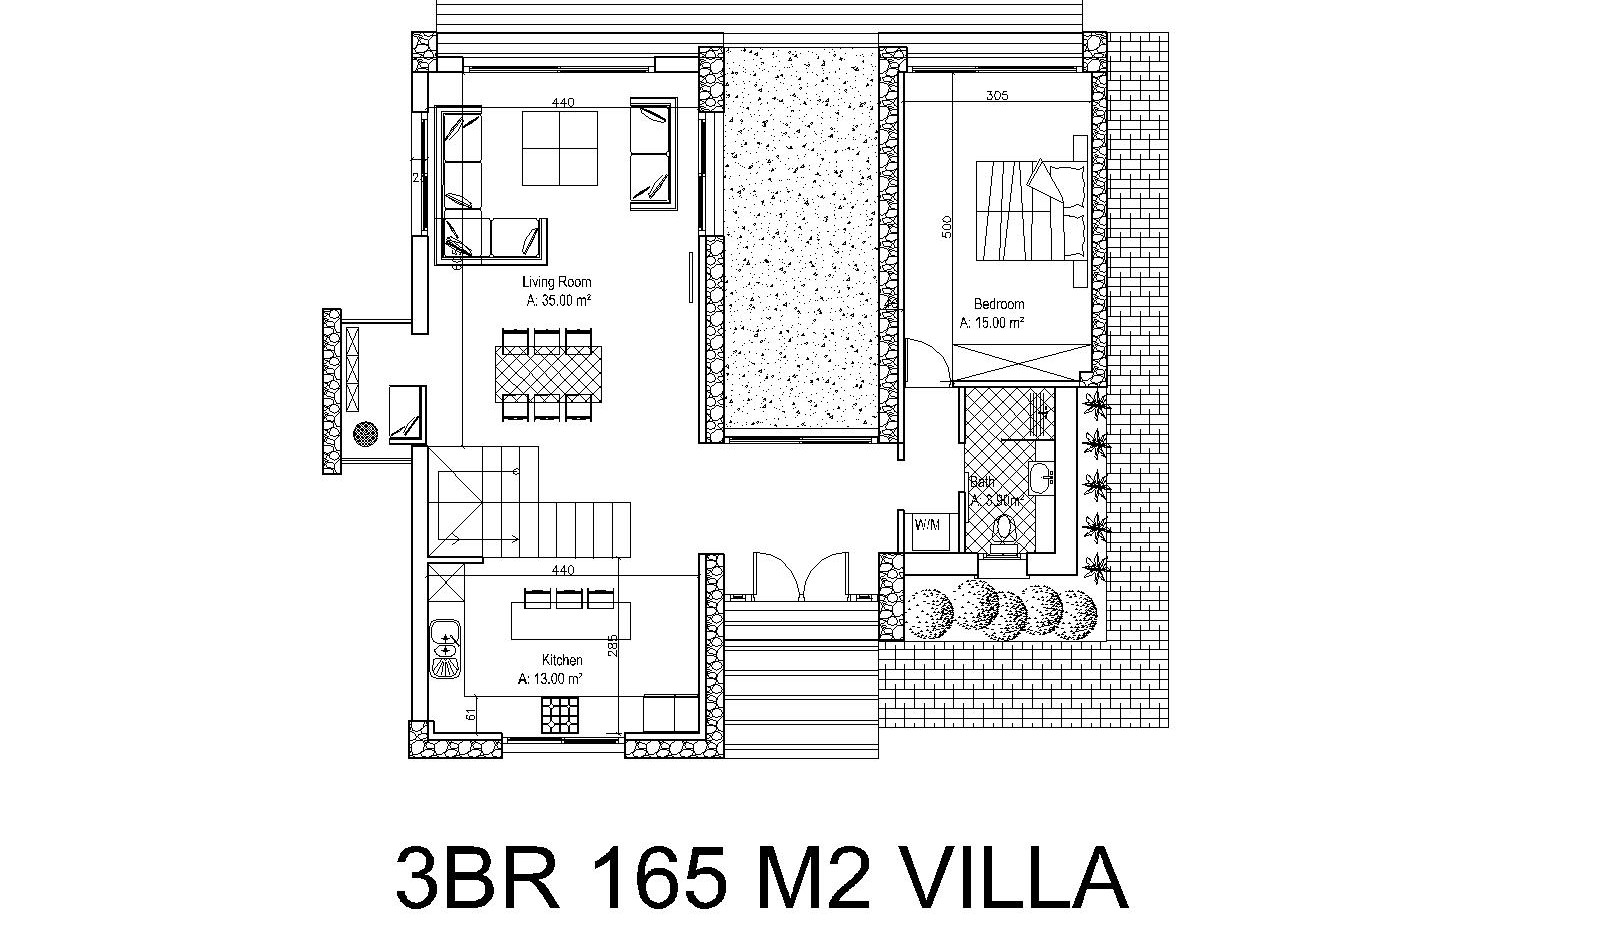 Alagadi 165M2 3BR VILLA GROUND FL.jpg